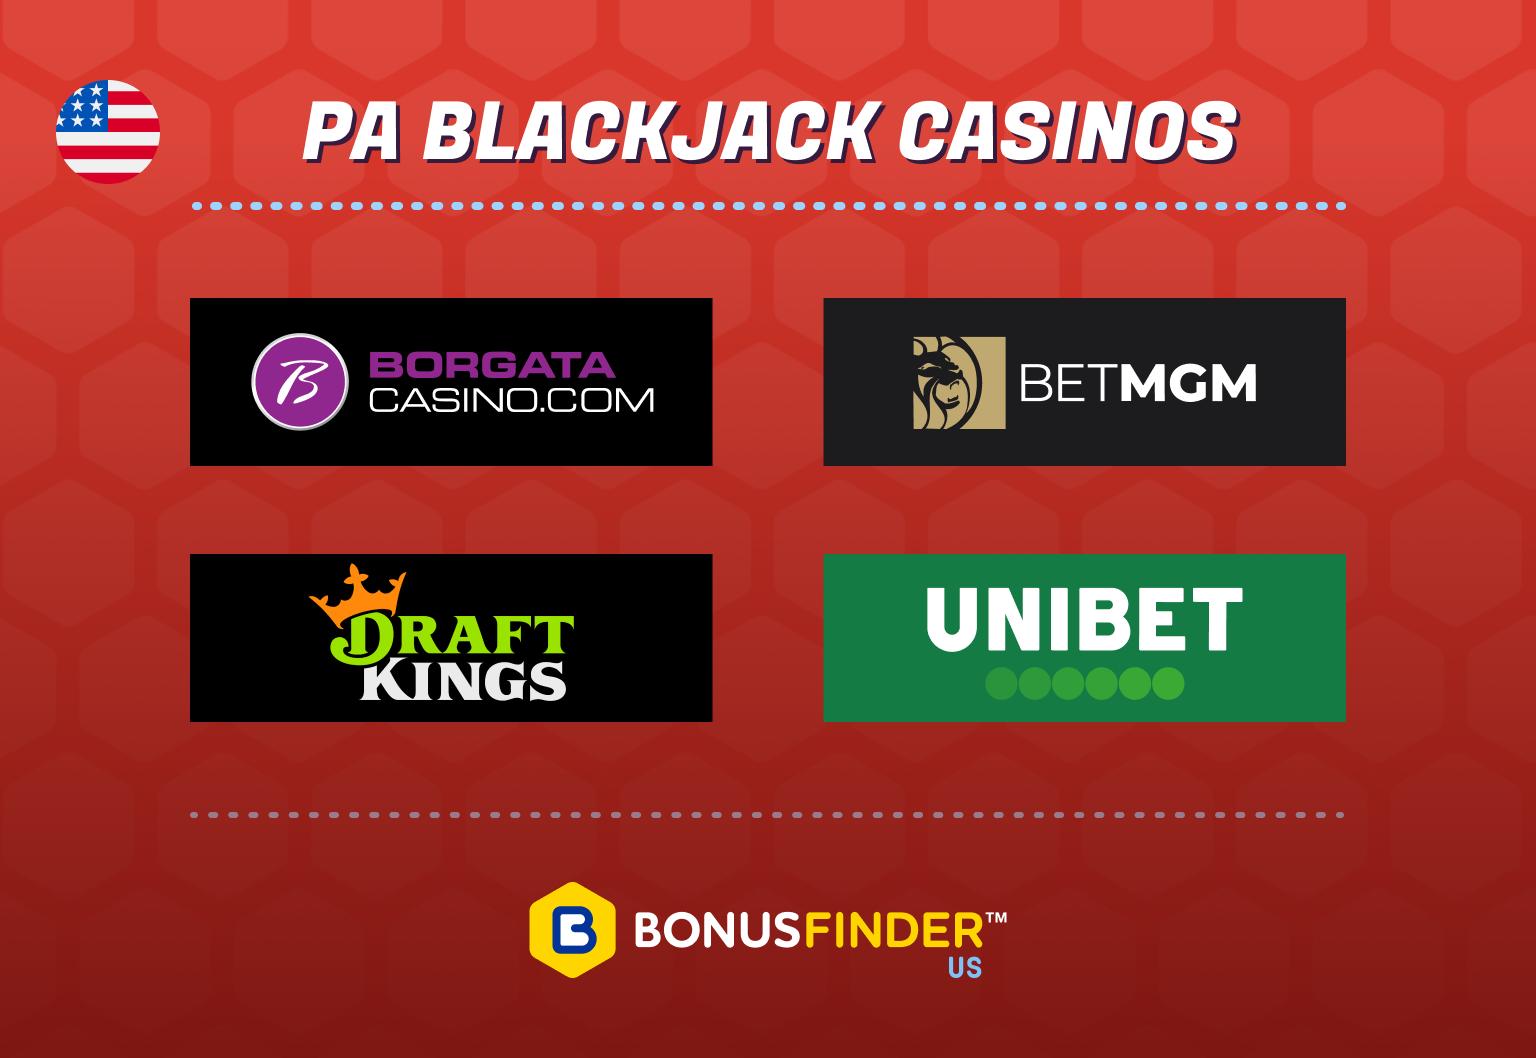 Online blackjack sites PA